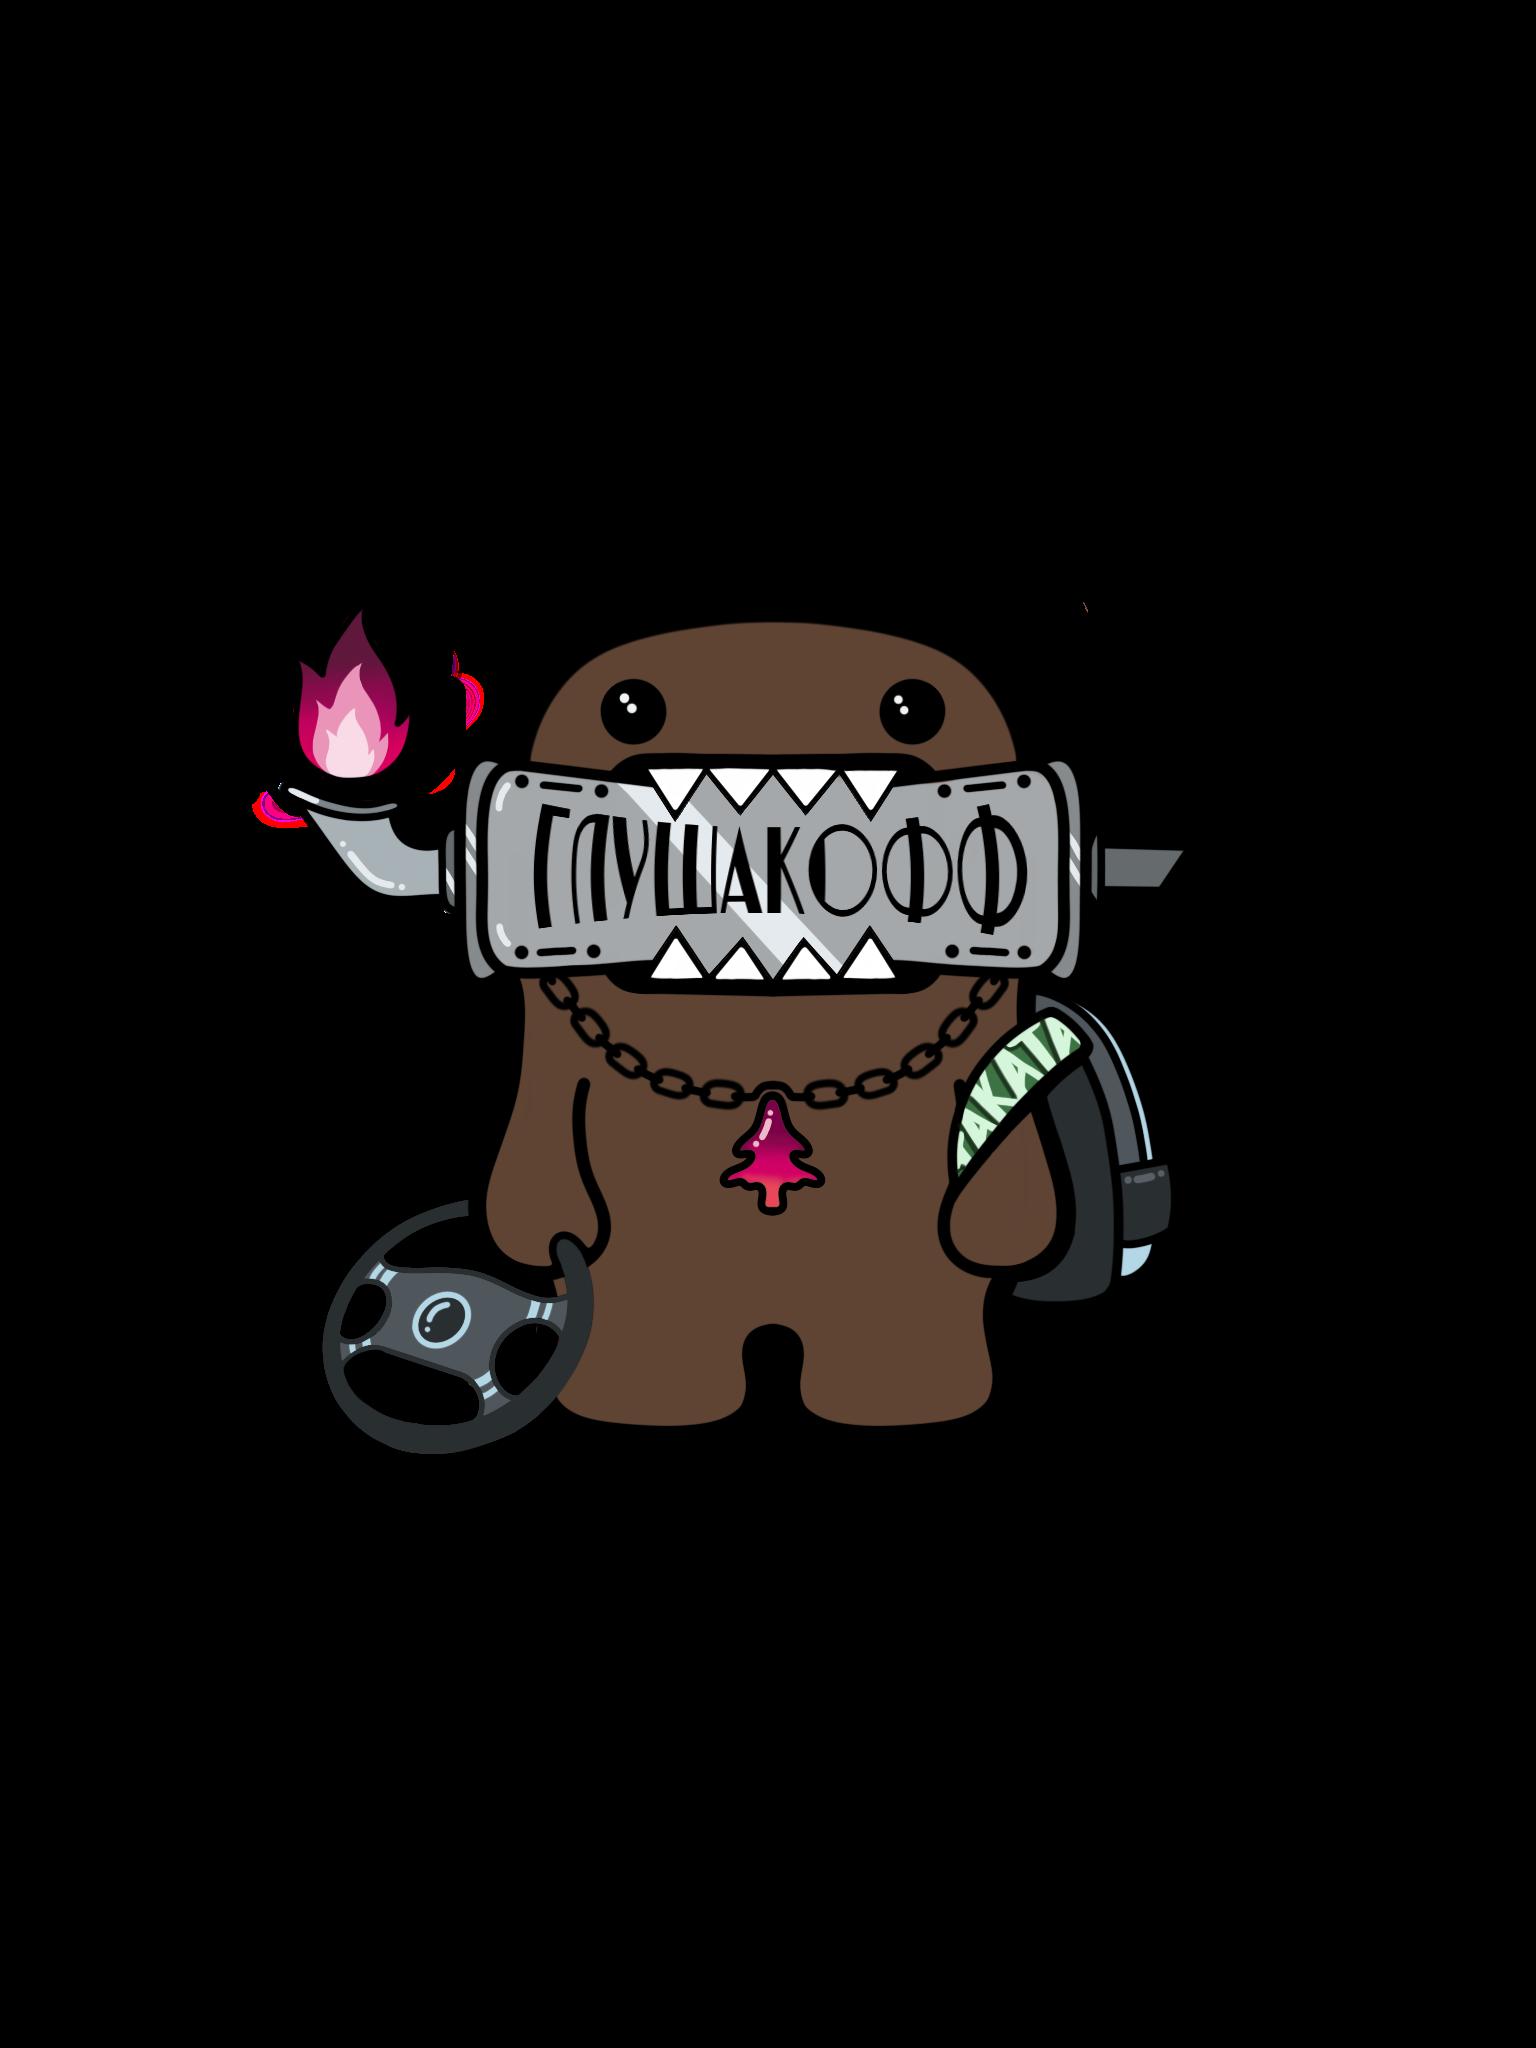 #UNika #логотип #мойпин #рисунки #идеи #вдохновение #первыеработы #лого #попарт #арт #art #popart #логтипназаказ #наклейки #стикер #стикеры #шауroom #логотипы #значки #знак #черновик